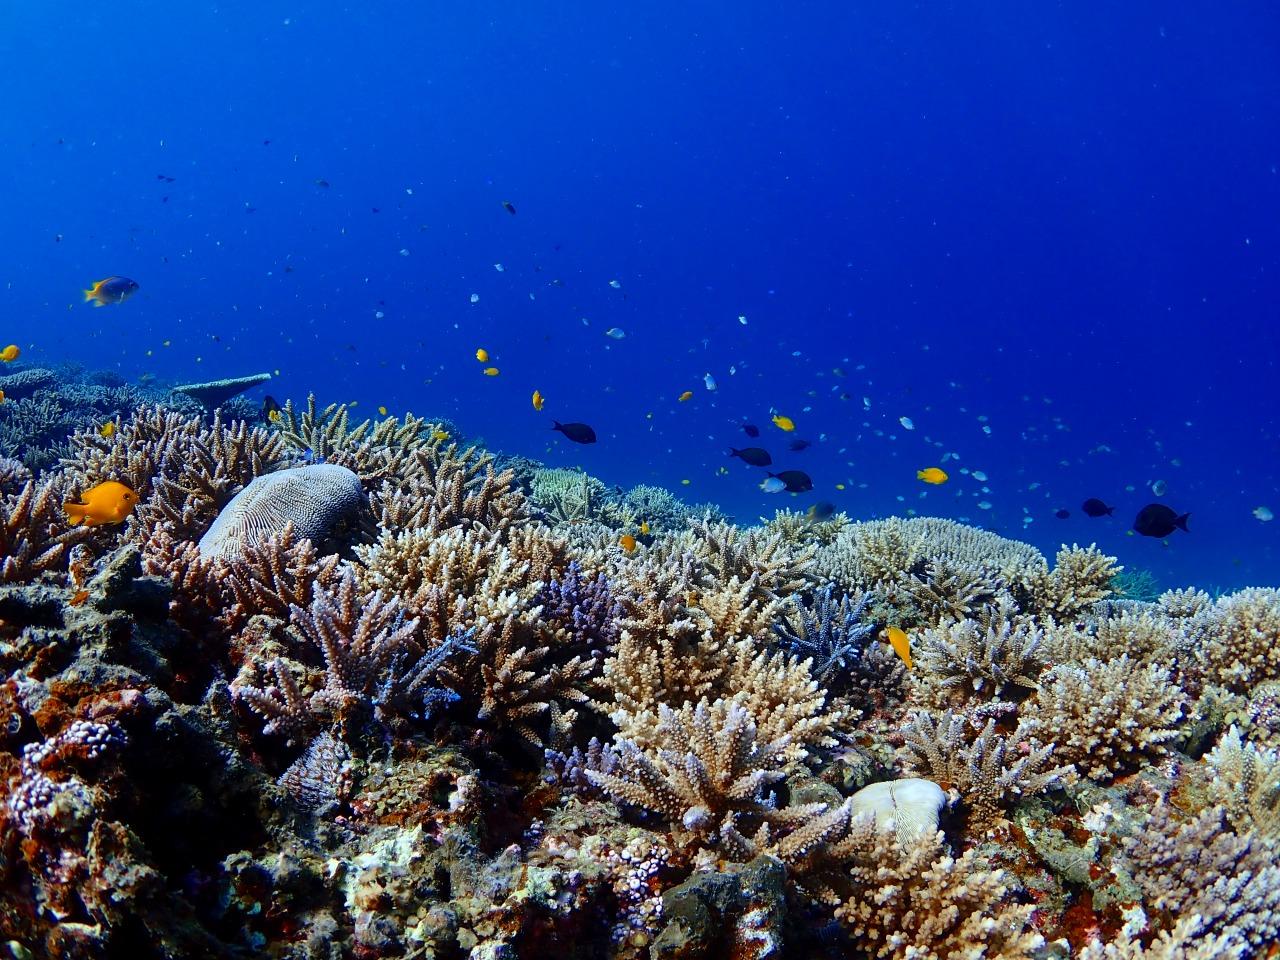 クマノミなどのカラフルサンゴの海